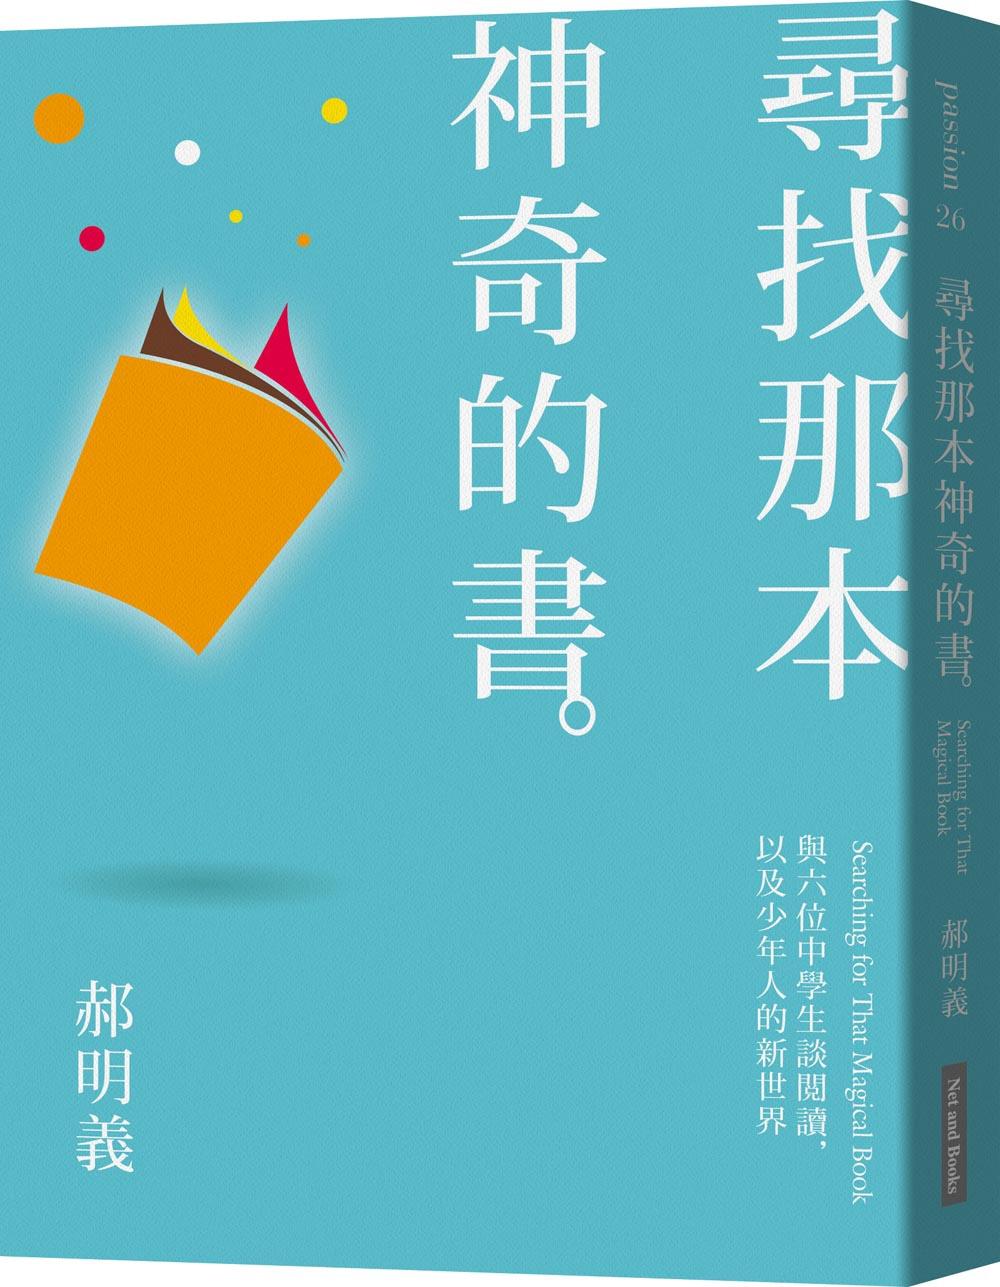 尋找那本神奇的書:與六位中學生談閲讀,以及少年人的新世界